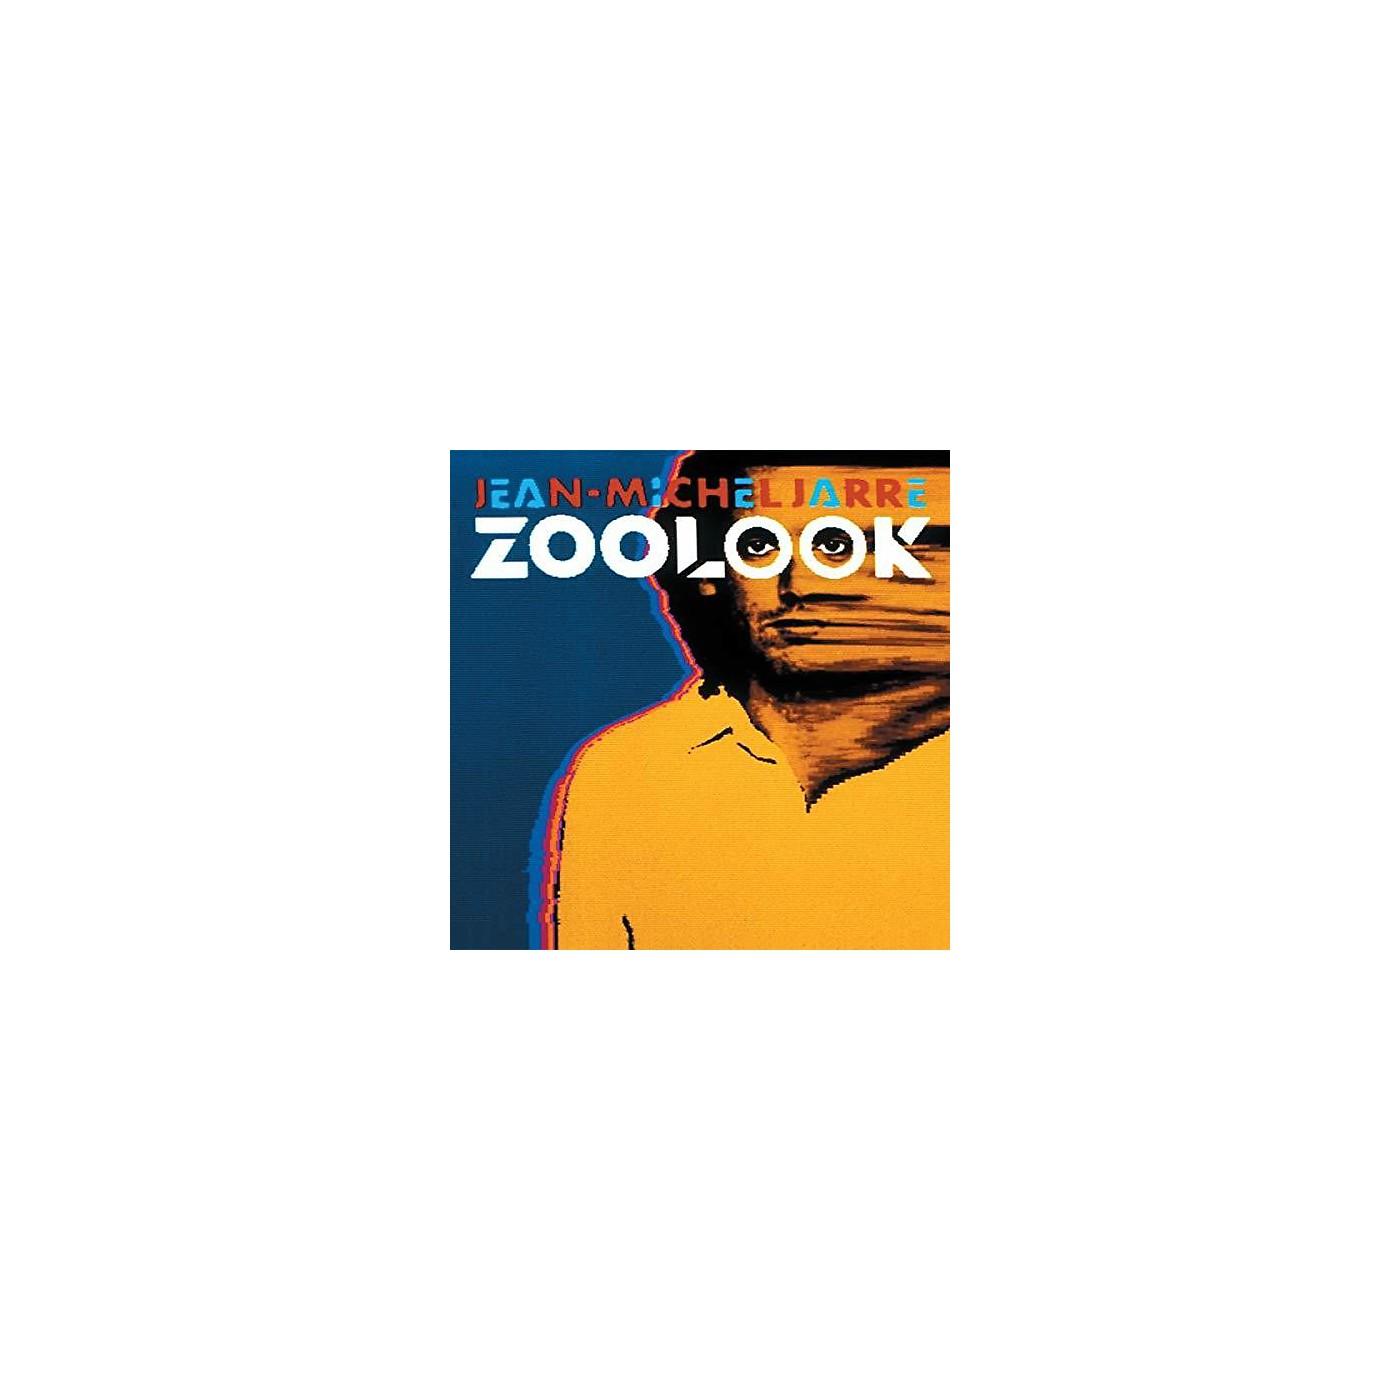 Alliance Jean-Michel Jarre - Zoolook thumbnail